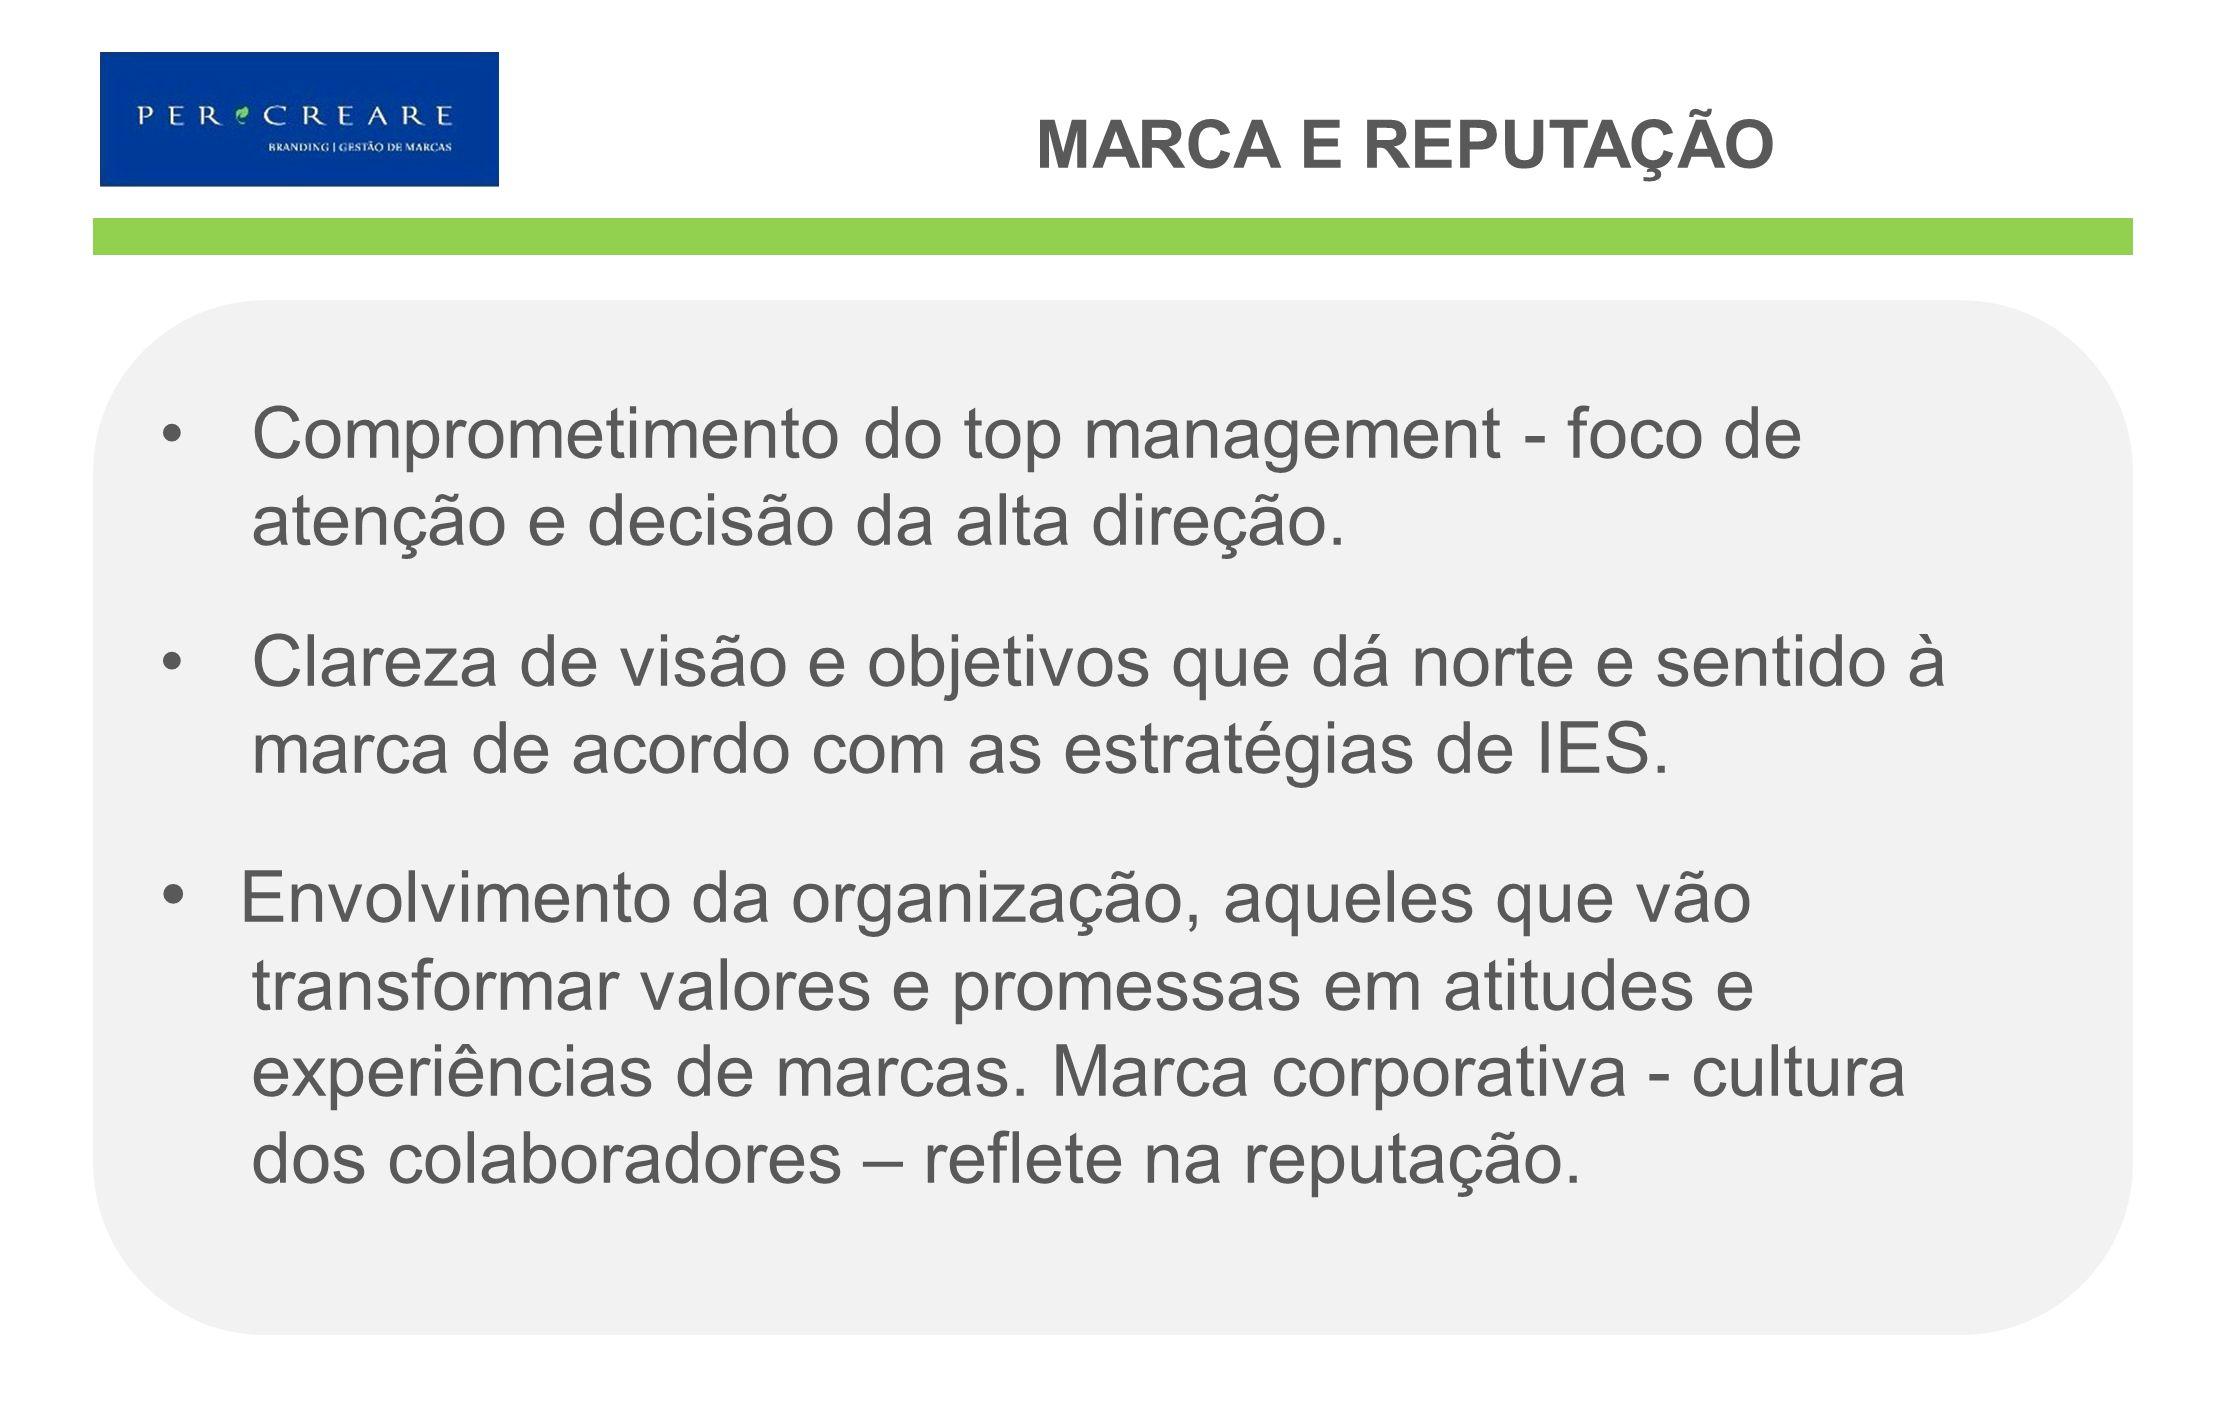 MARCA E REPUTAÇÃO Comprometimento do top management - foco de atenção e decisão da alta direção.